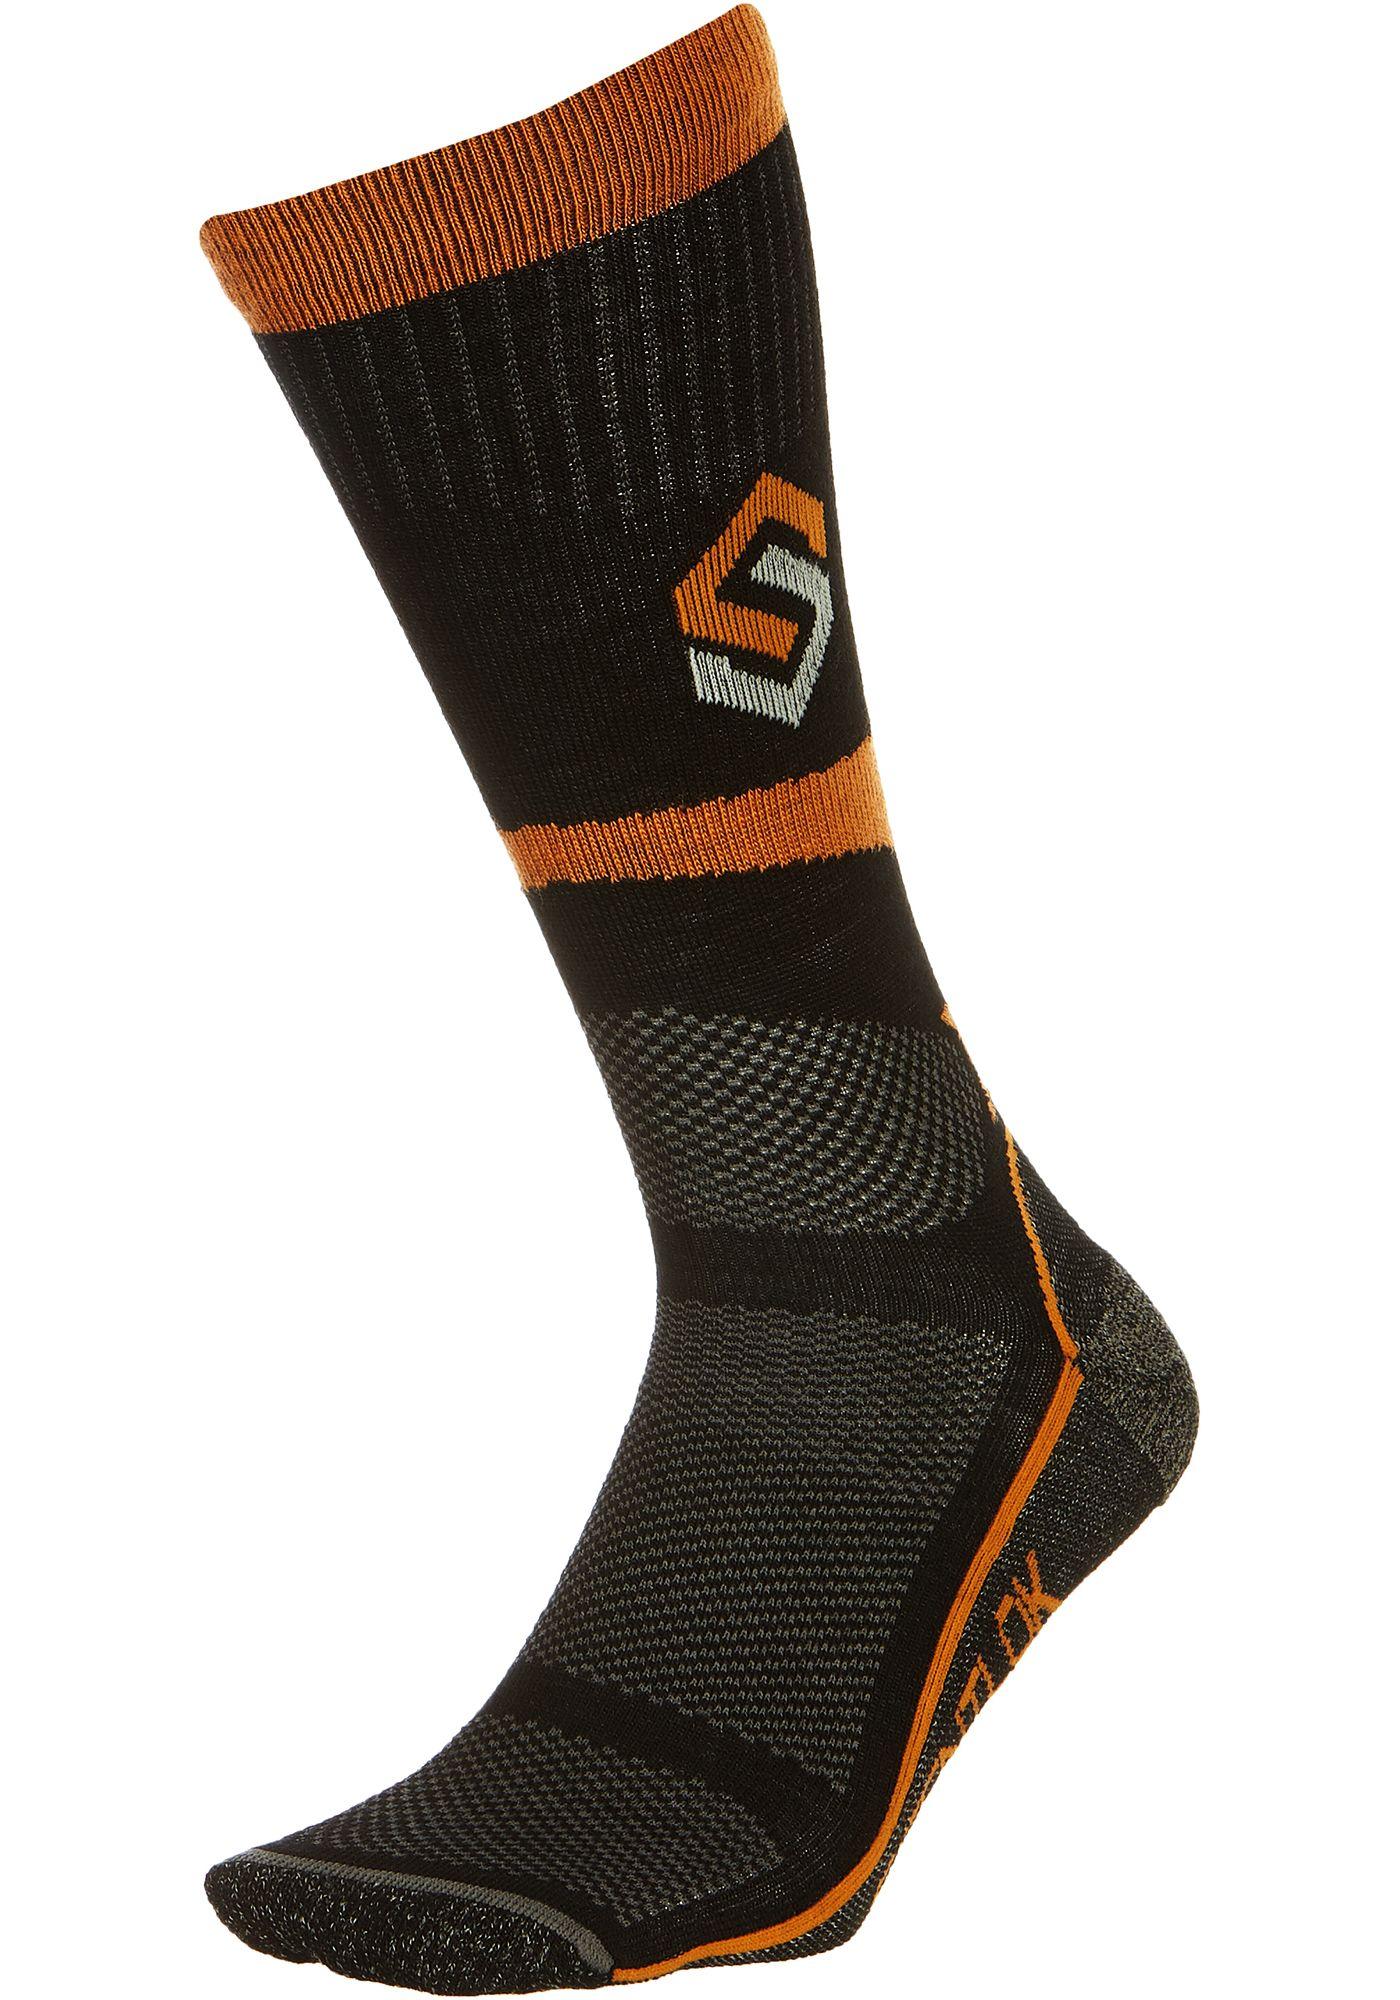 ScentLok Men's Ultralight Merino Subcrew Outdoor Socks